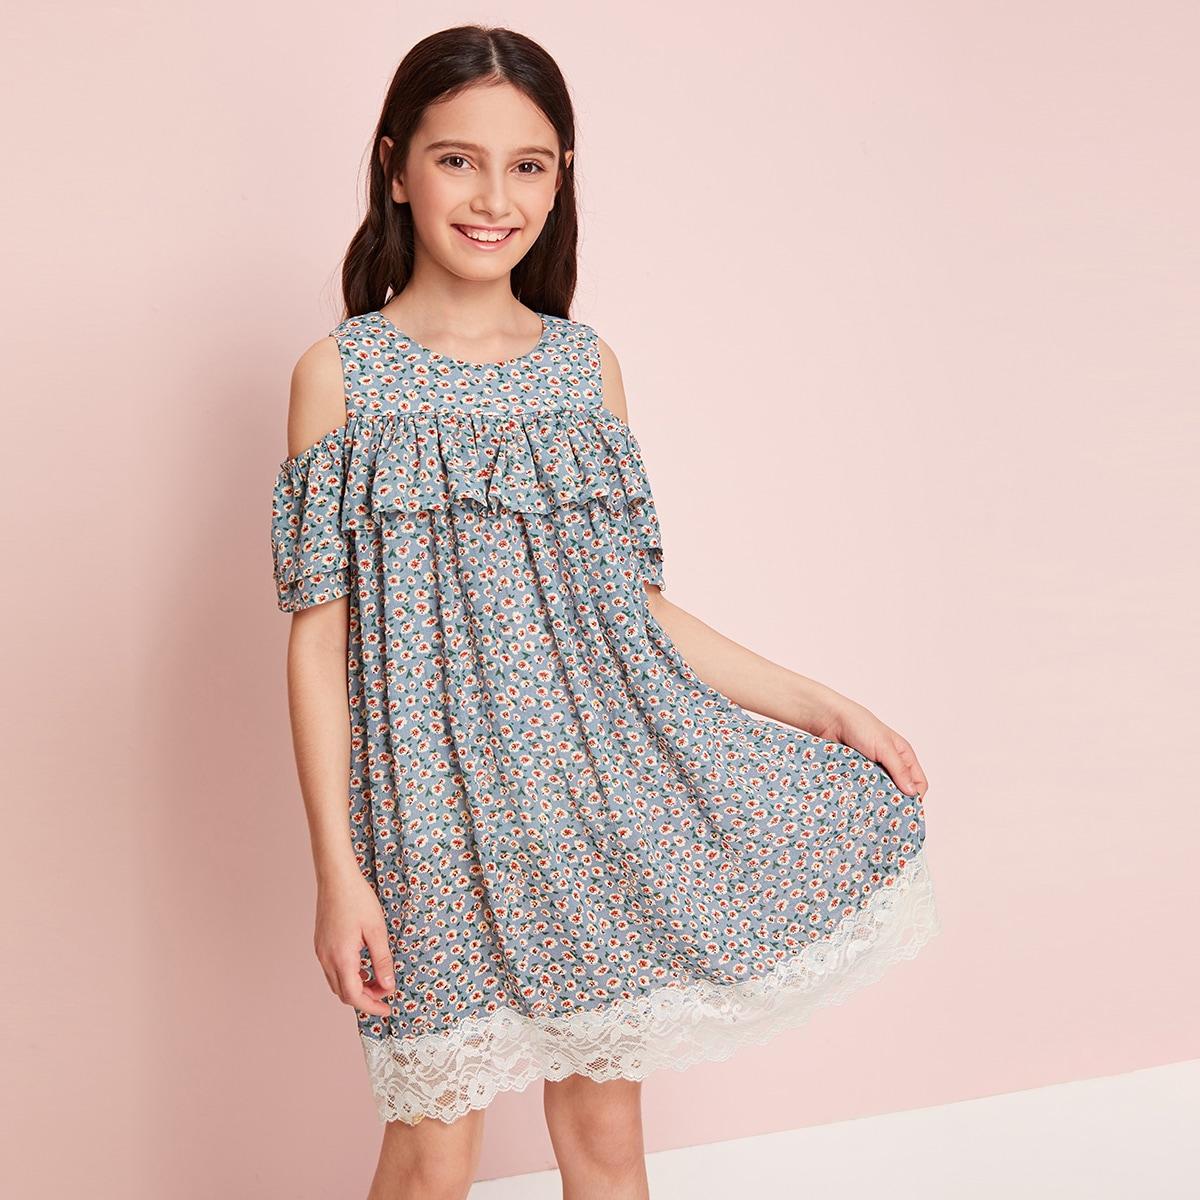 Цветочное шифоновое платье с разрезом на плечах и кружевом для девочек